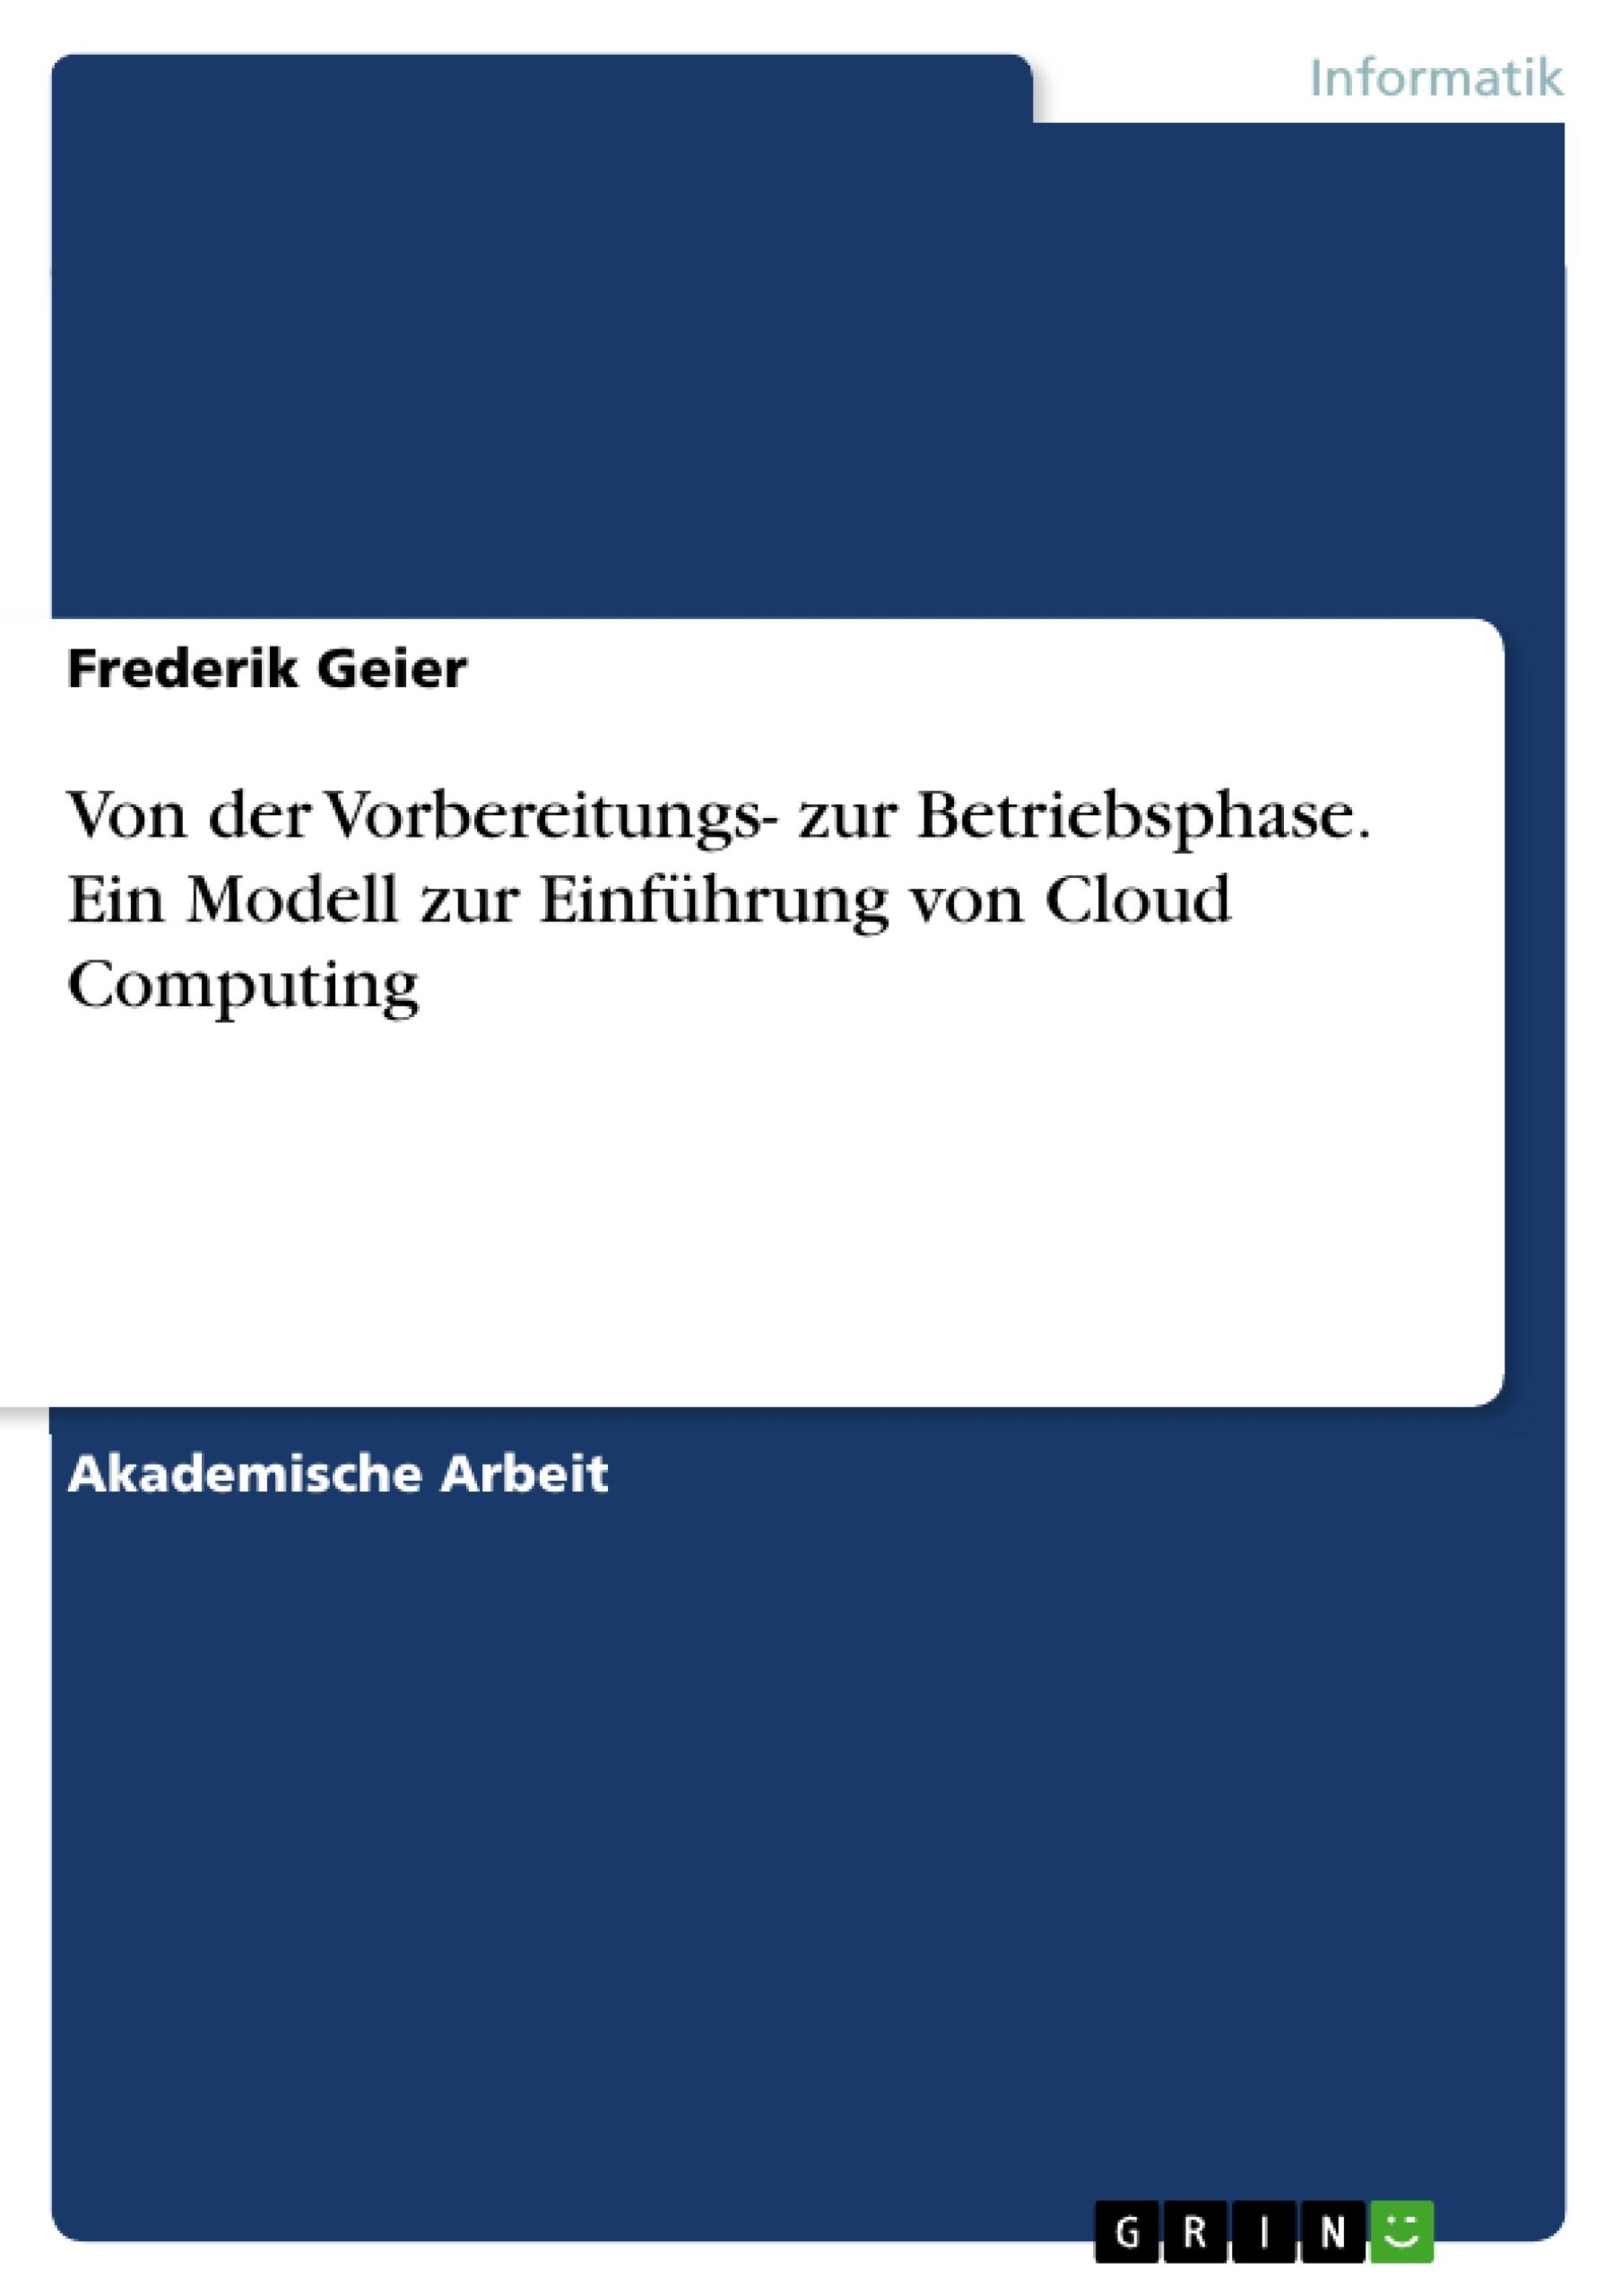 Titel: Von der Vorbereitungs- zur Betriebsphase. Ein Modell zur Einführung von Cloud Computing